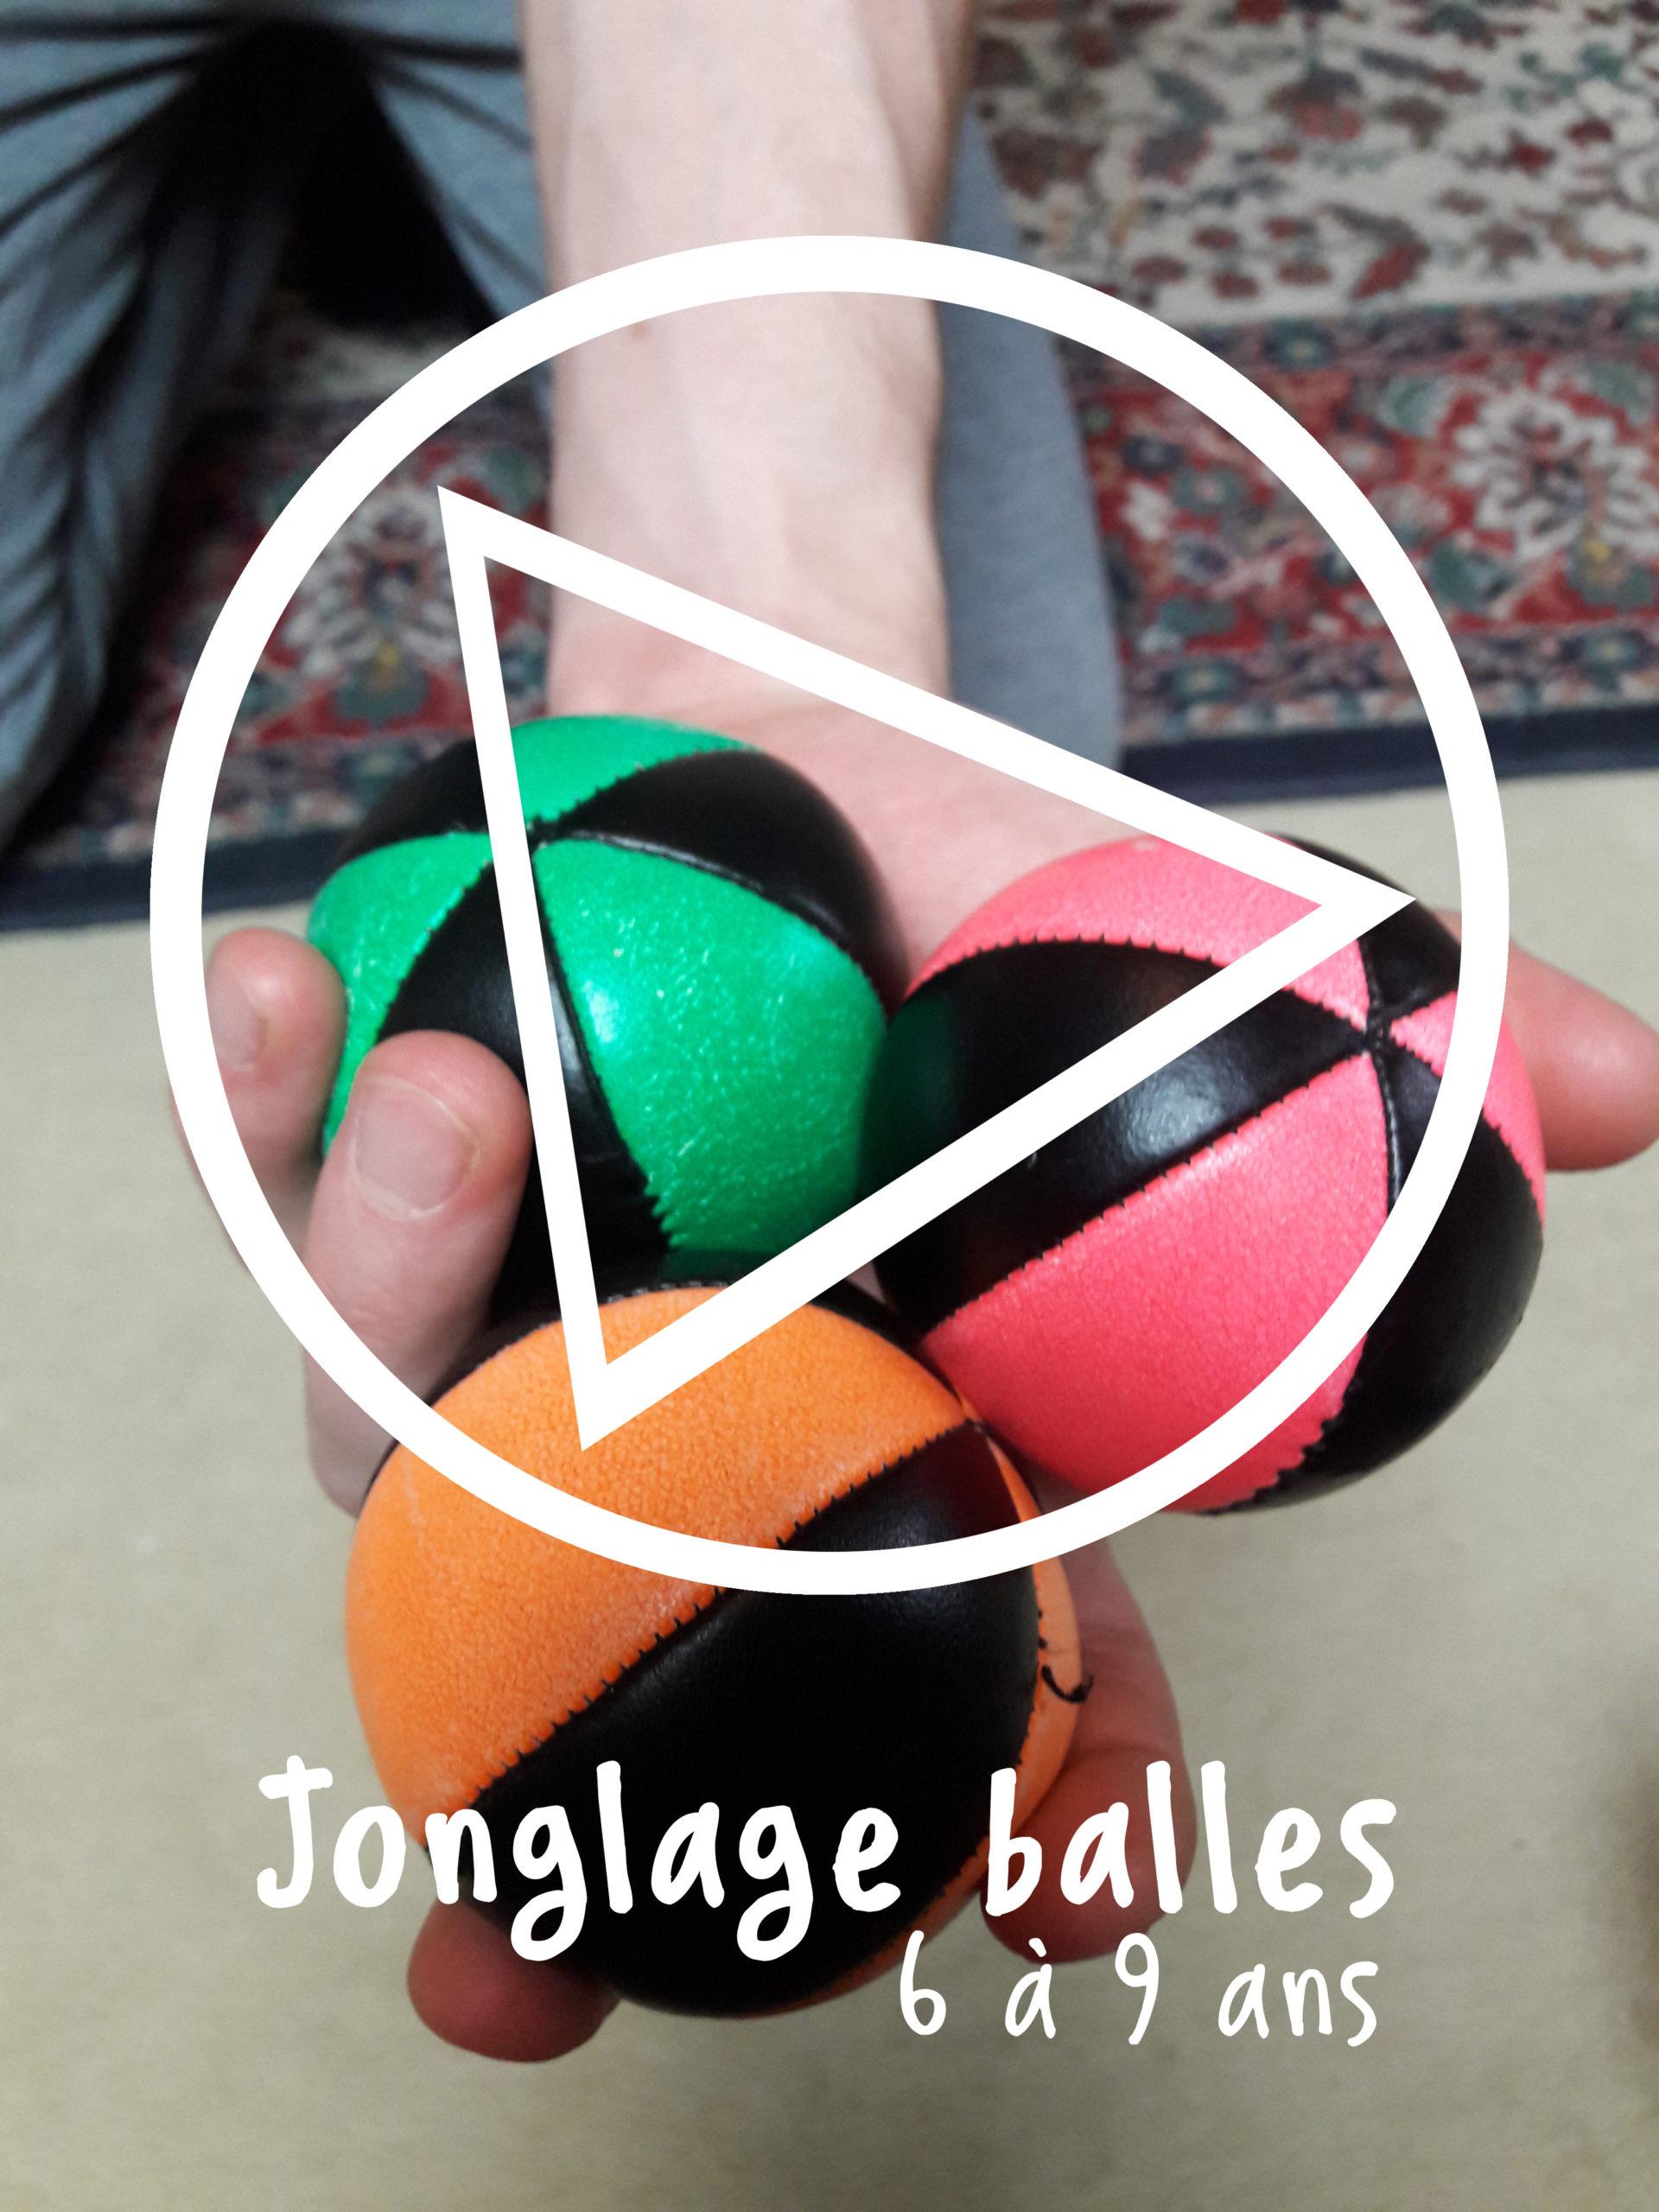 jonglage de 6 à 9 ans